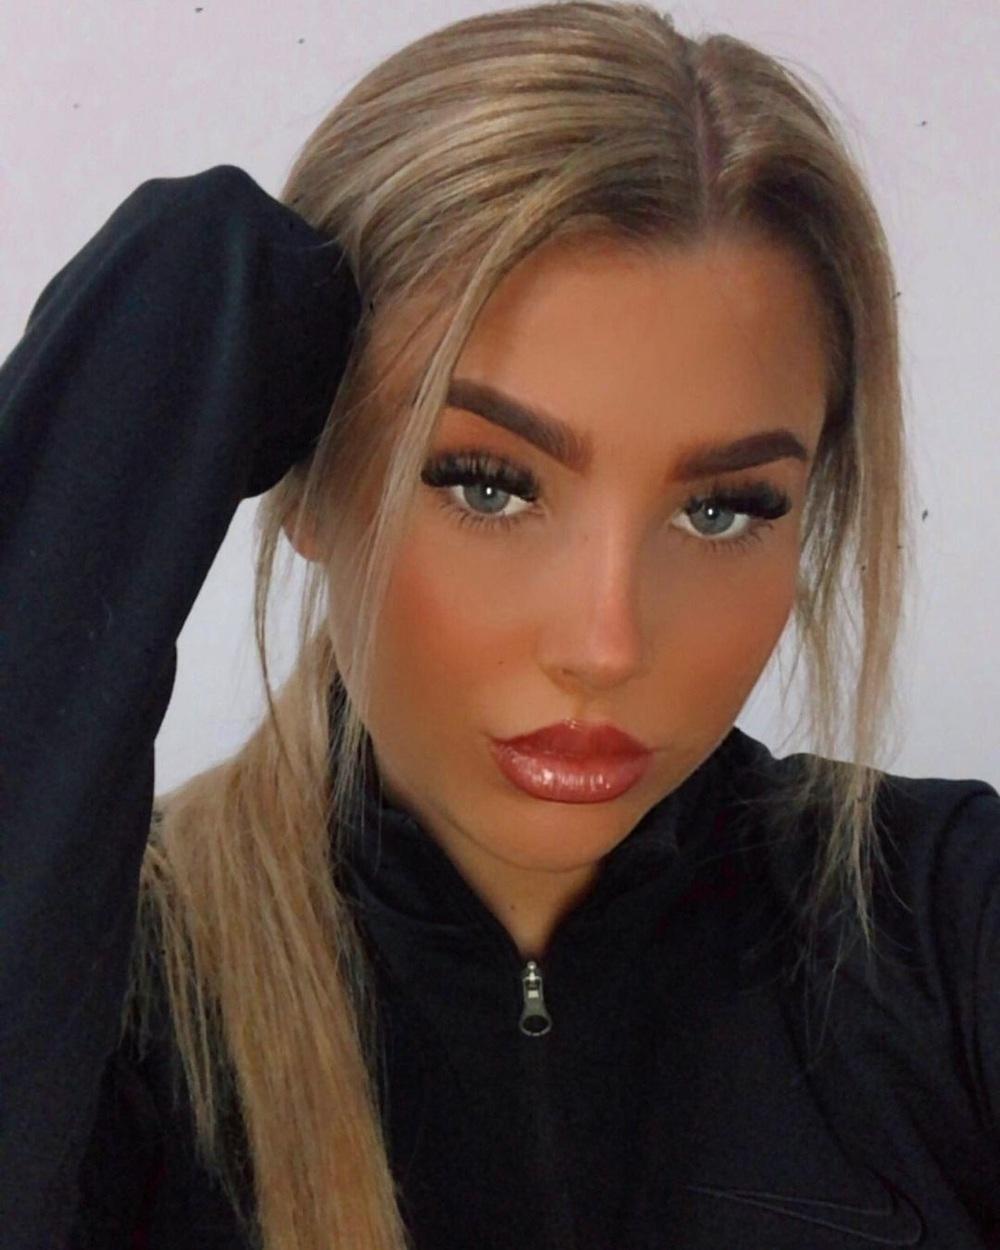 Nữ cầu thủ sexy khoe thân, kiếm sống trên trang web nhạy cảm sau scandal tranh cãi - Ảnh 2.